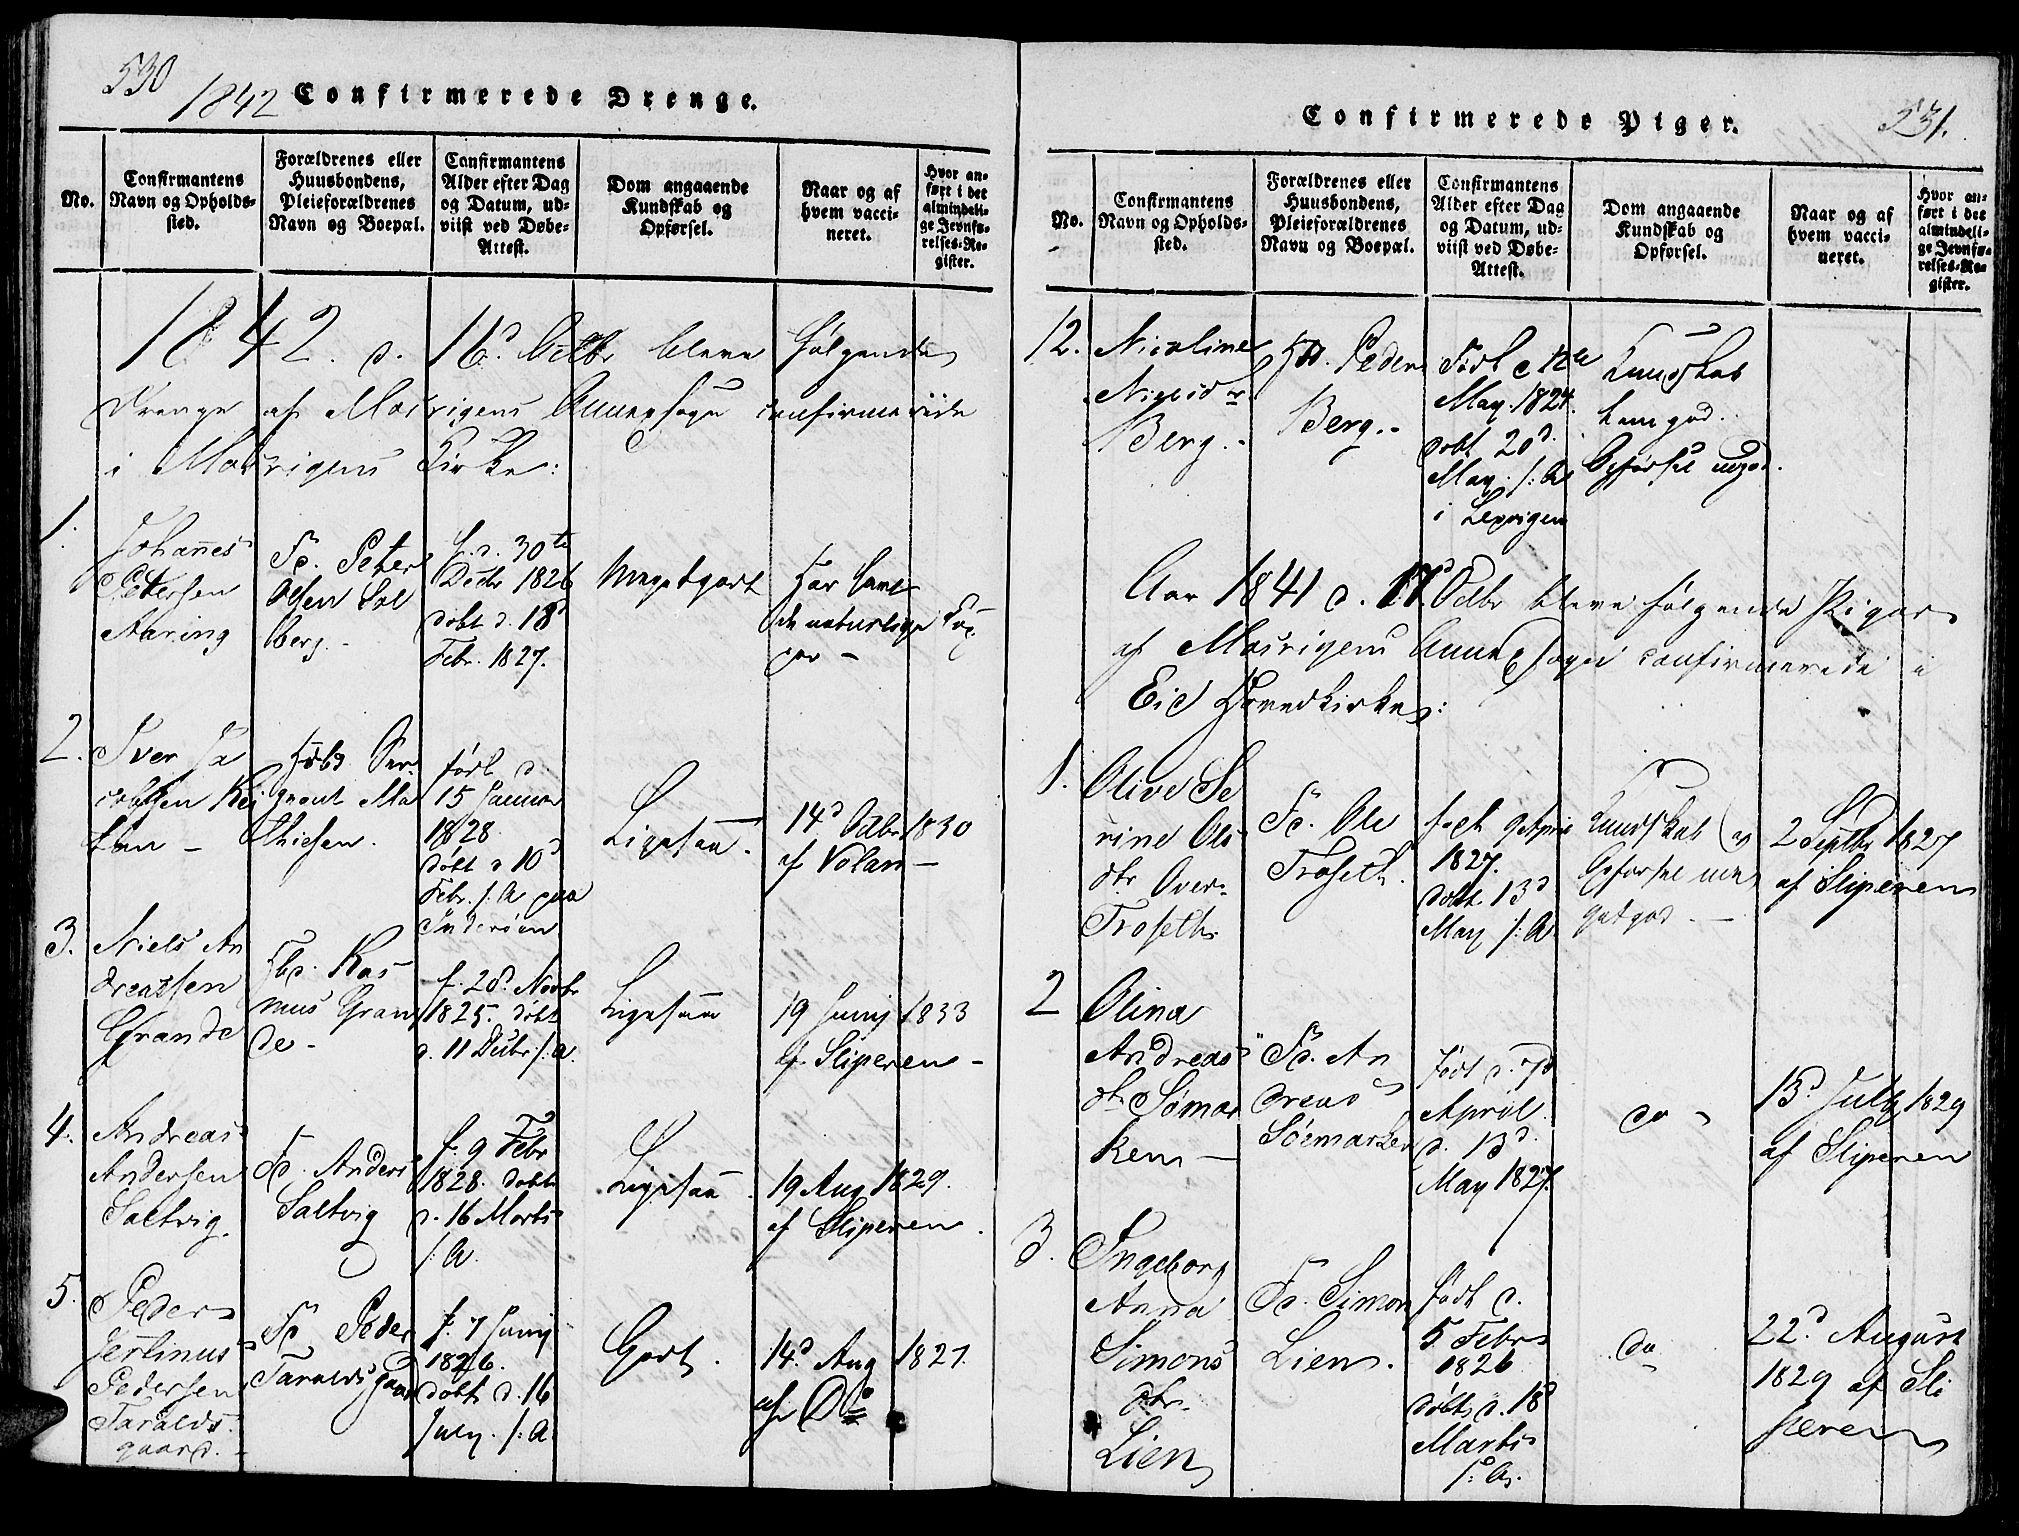 SAT, Ministerialprotokoller, klokkerbøker og fødselsregistre - Nord-Trøndelag, 733/L0322: Ministerialbok nr. 733A01, 1817-1842, s. 530-531